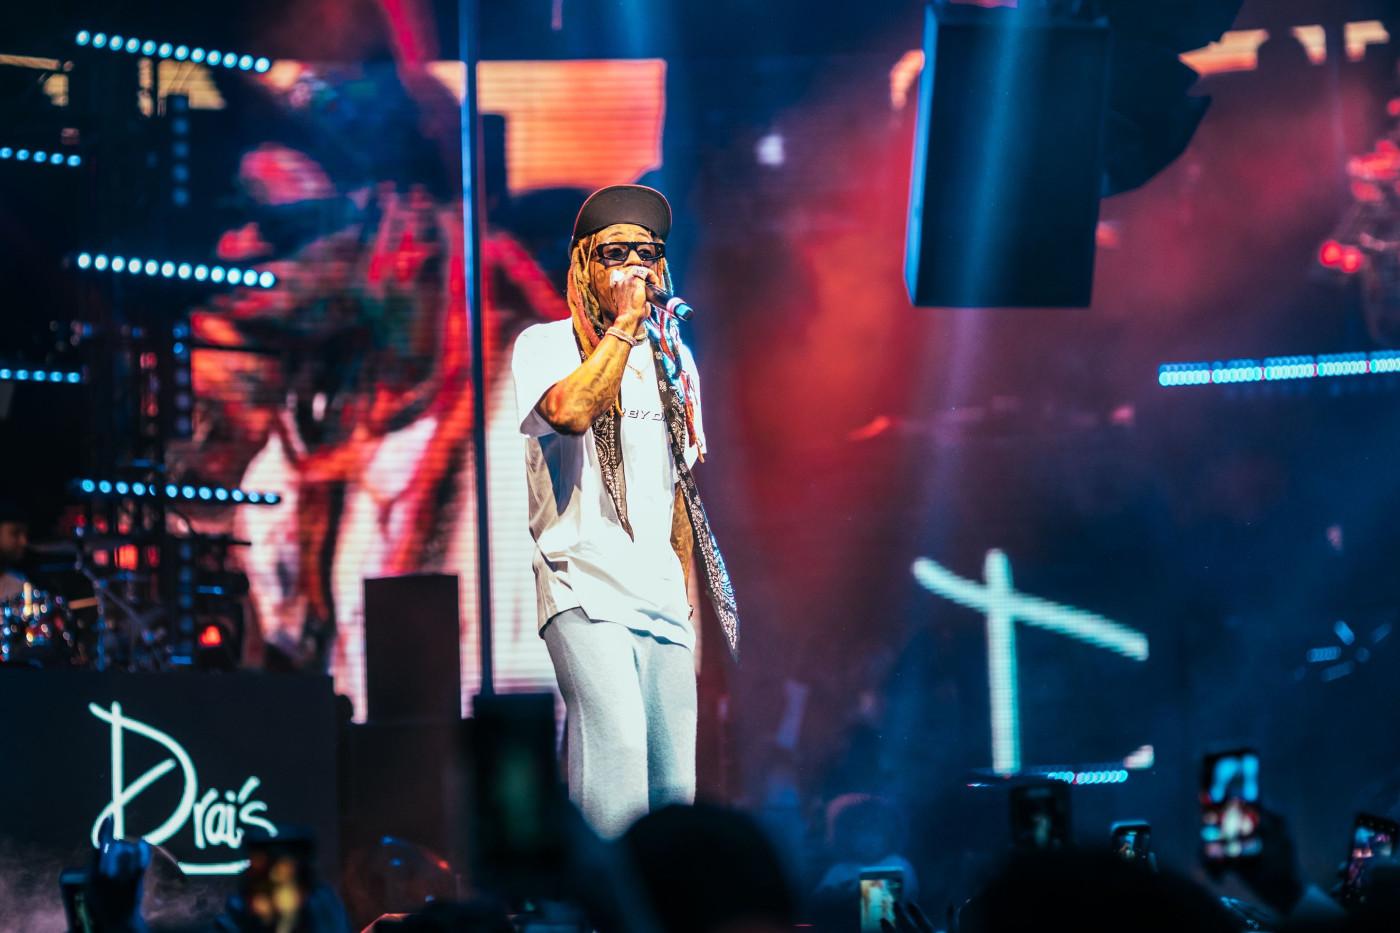 Lil Wayne Drais 2020 Las Vegas Residency